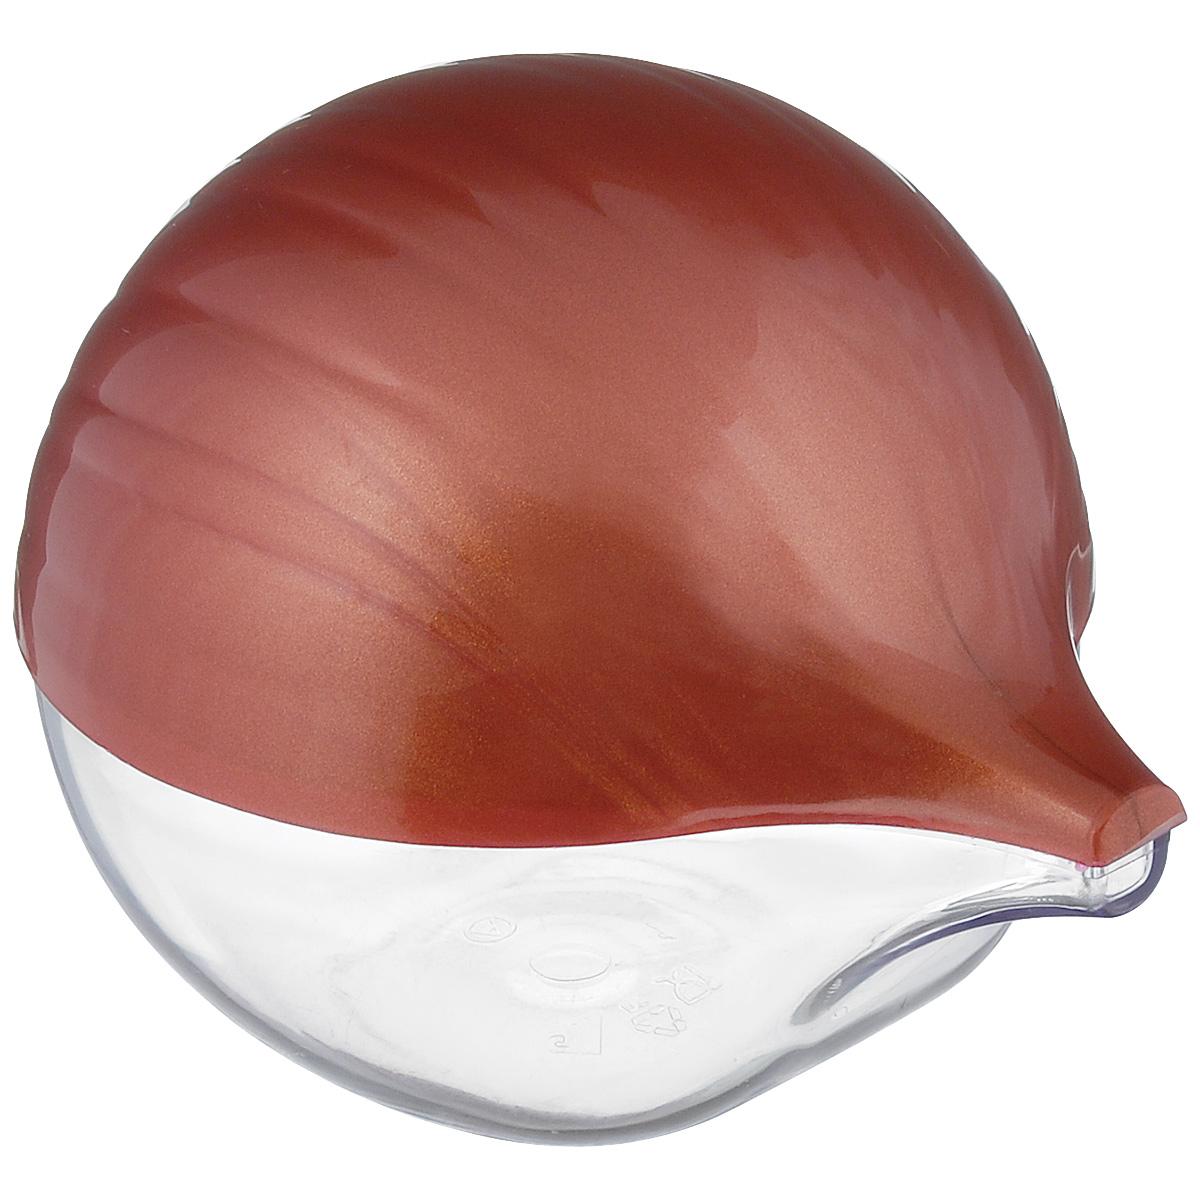 Емкость для лука Альтернатива, цвет: прозрачный, красно-коричневыйМ942Емкость для хранения репчатого лука Альтернатива, изготовленная из пластика с полупрозрачной крышкой, дольше сохранит полезные свойства разрезанного лука, предотвратит распространение запаха и сбережет лук от высыхания. Оригинальный дизайн контейнера, выполненного в виде луковицы, украсит ваш кухонный стол.